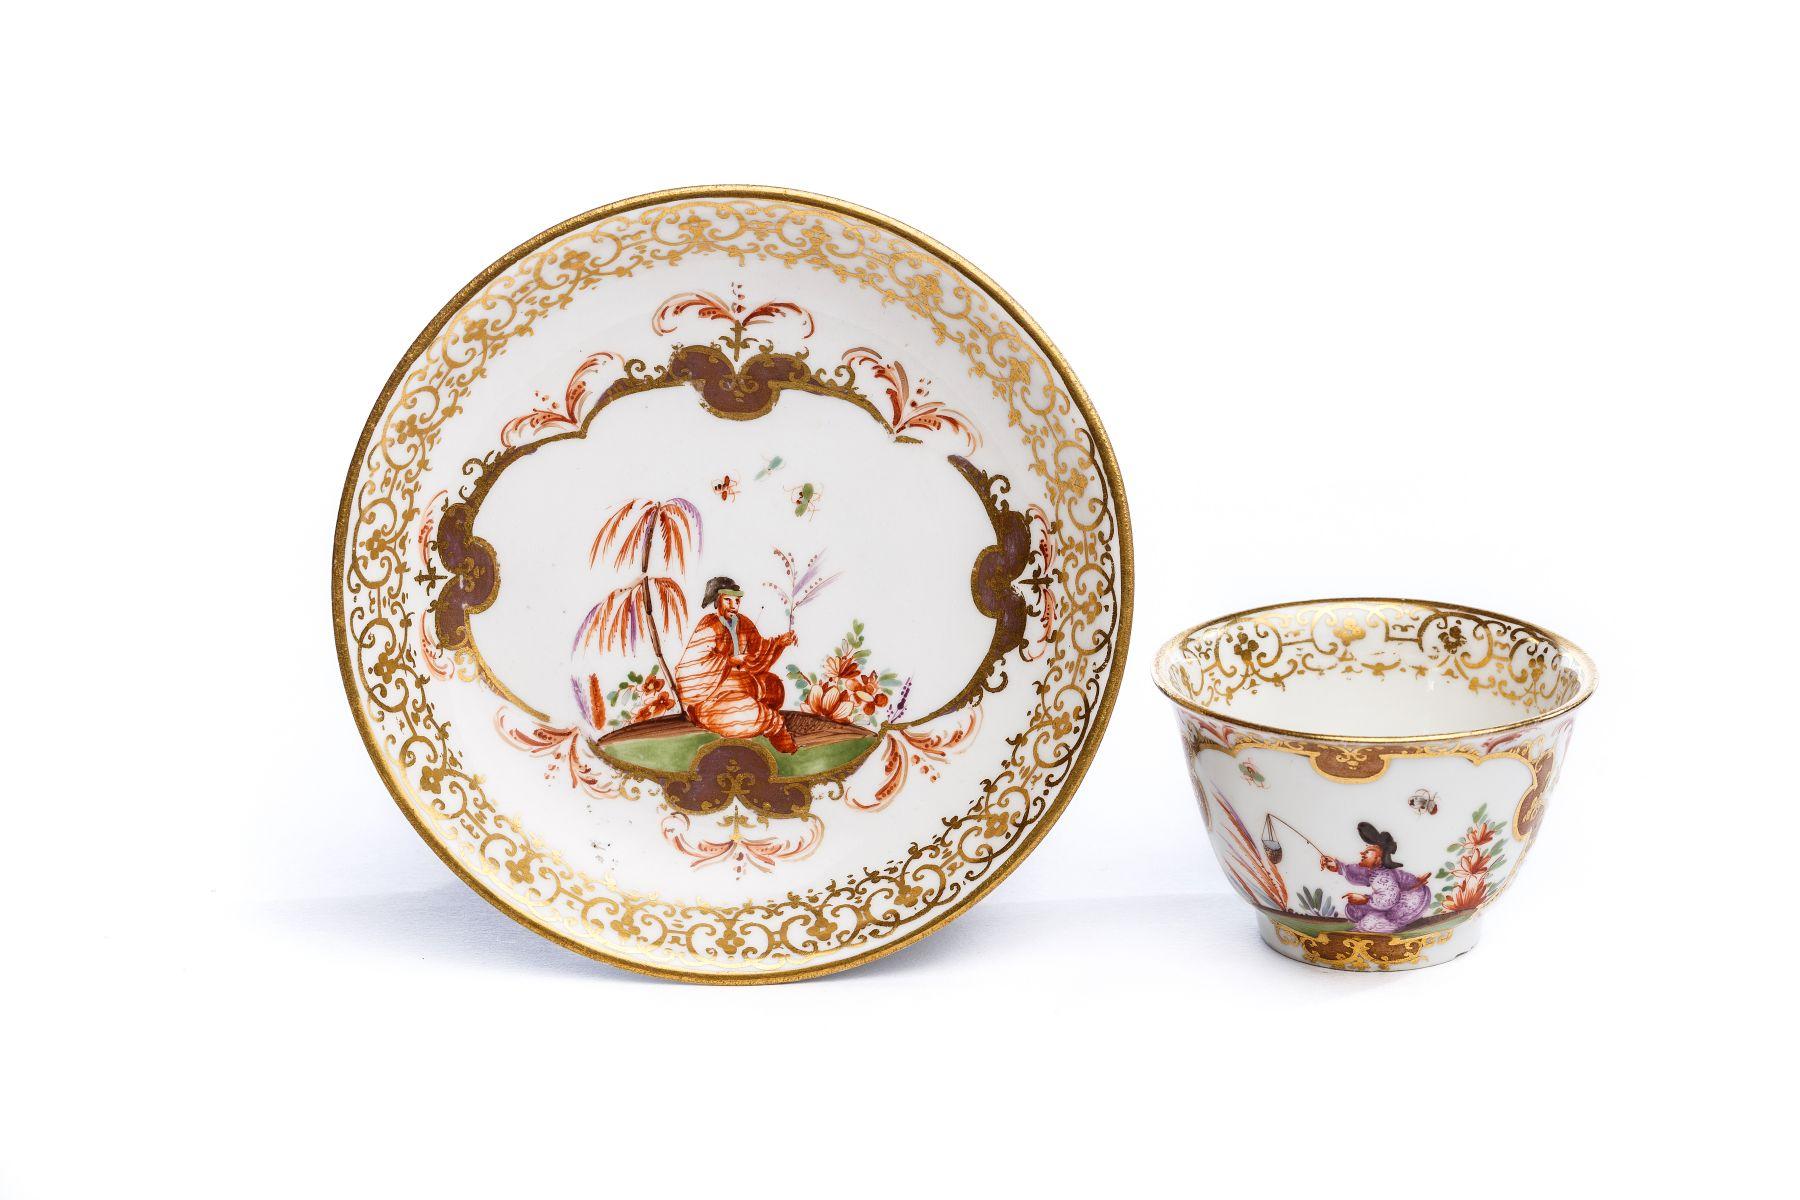 #19 Bowl with saucer, Meissen 1730/35 | Koppchen mit Unterschale, Meissen 1730 Image